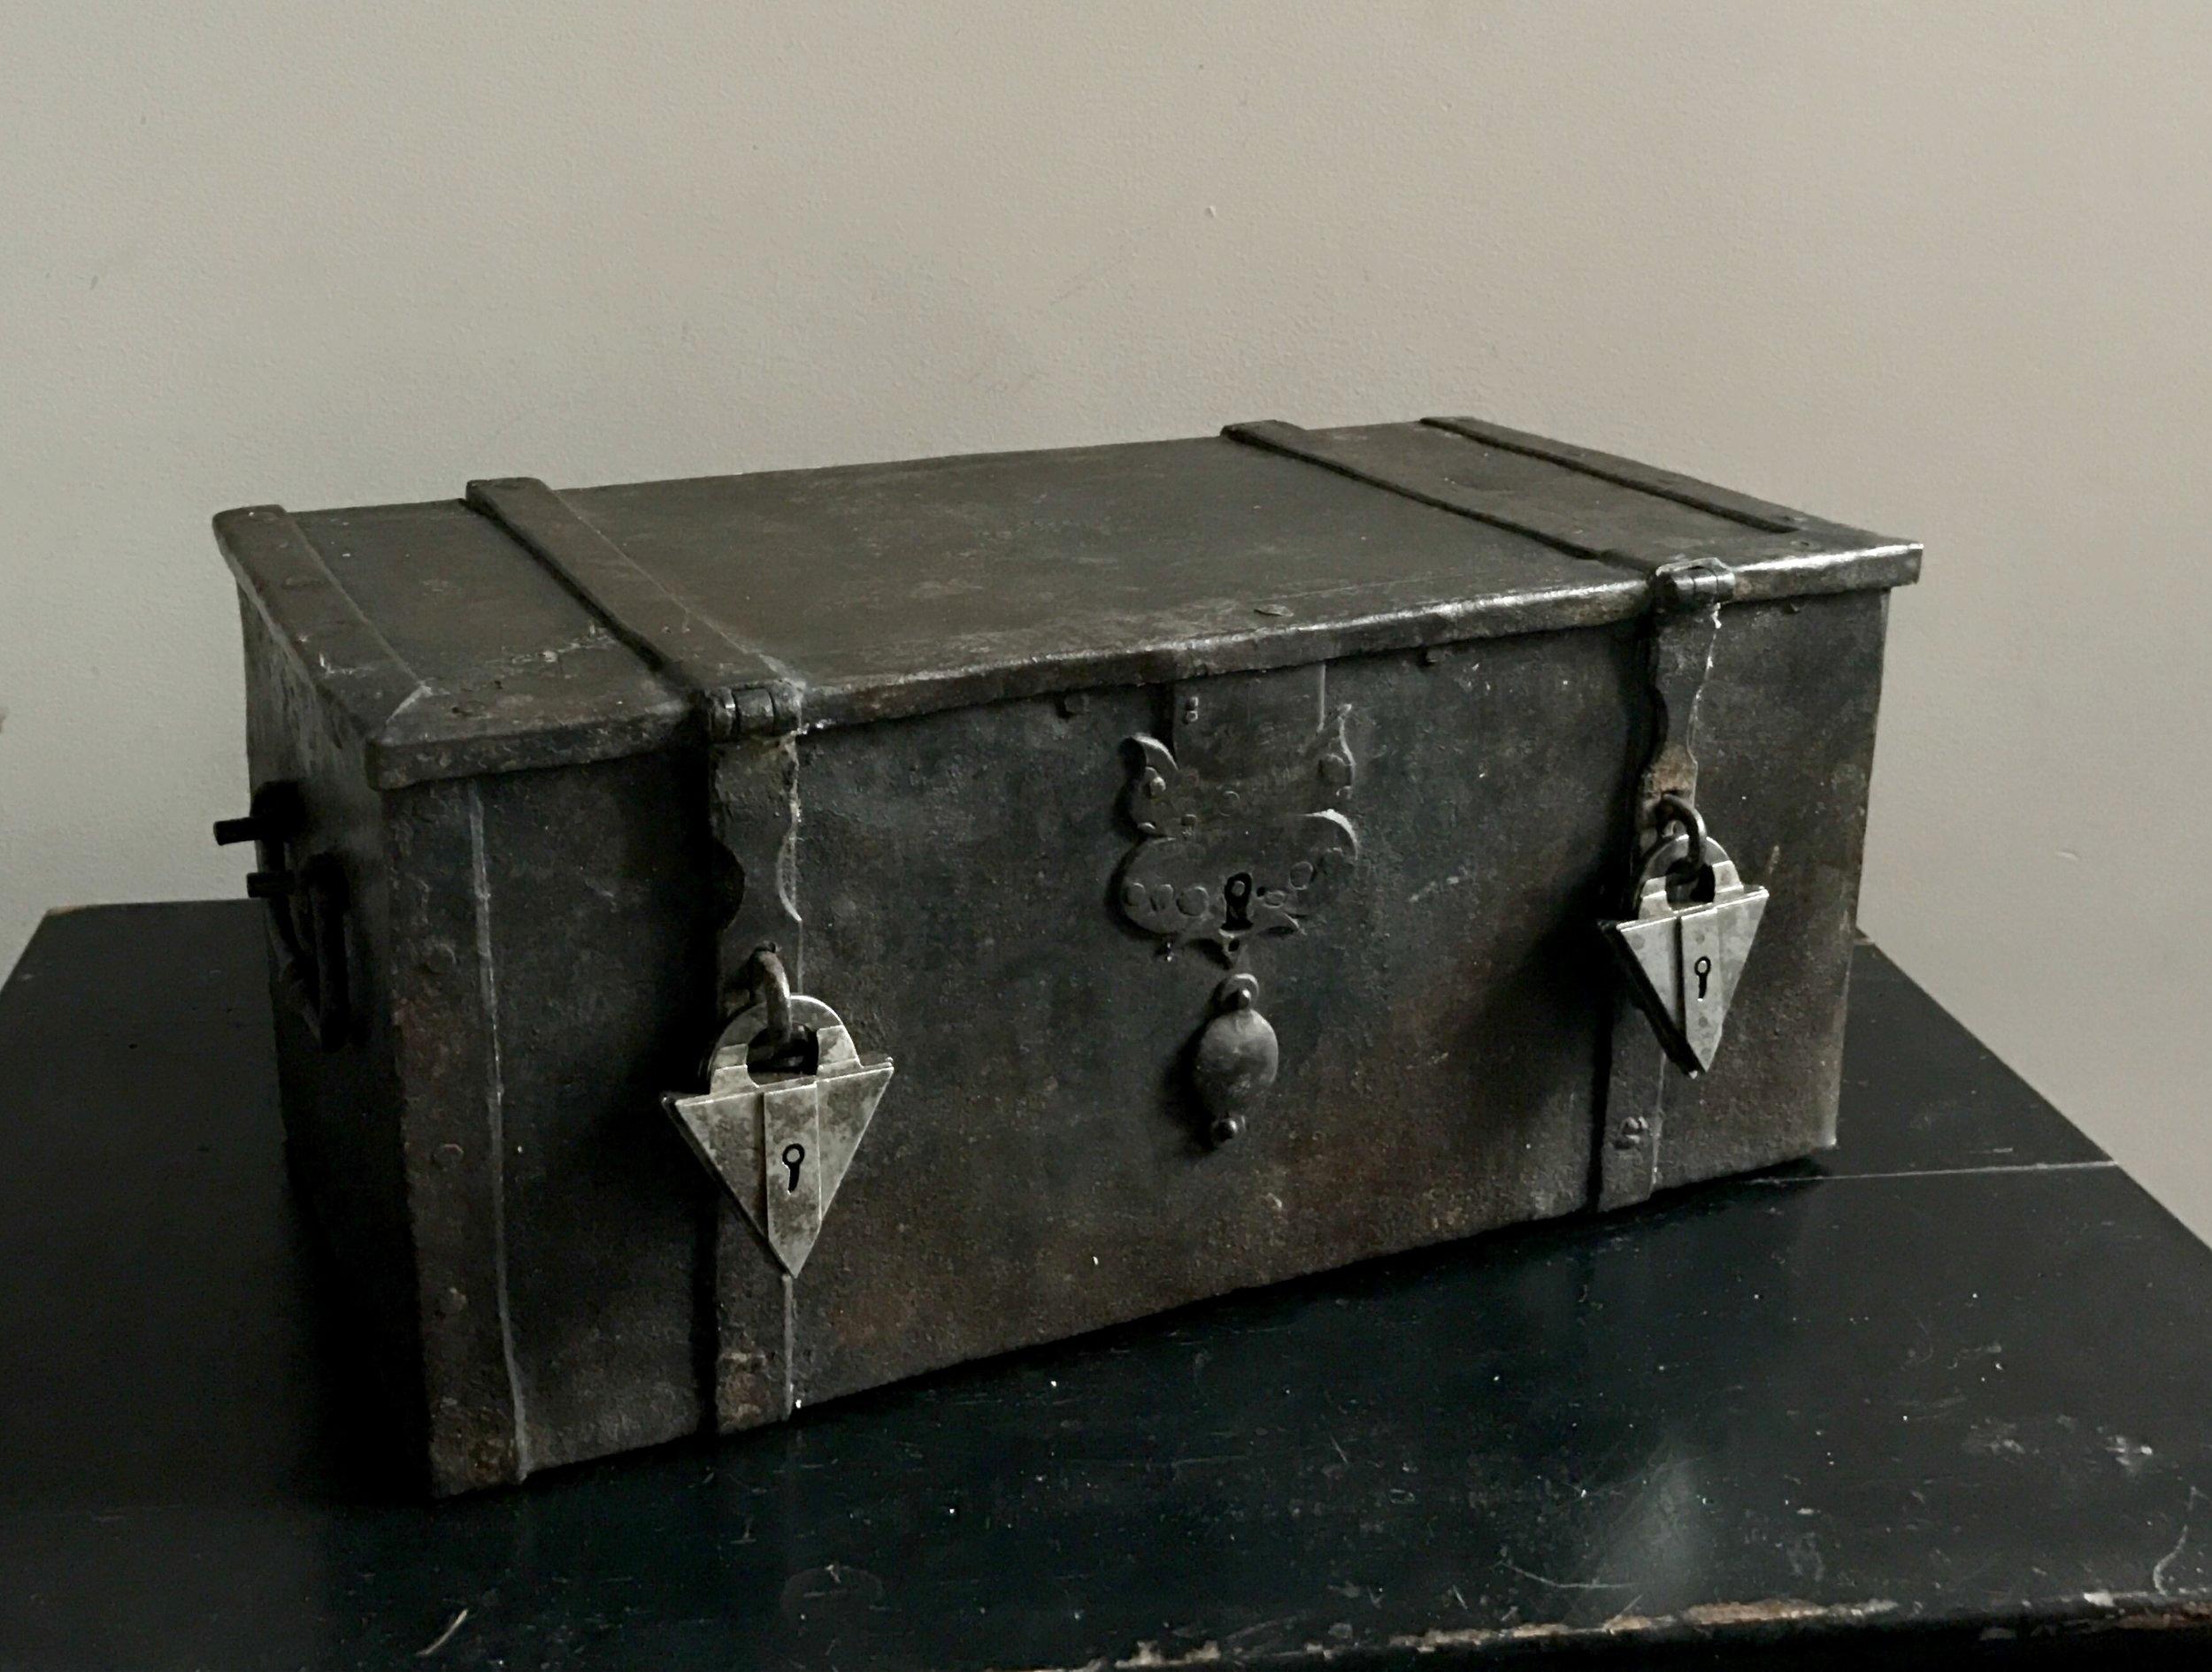 teremok_antiques_german_casket_3.jpg